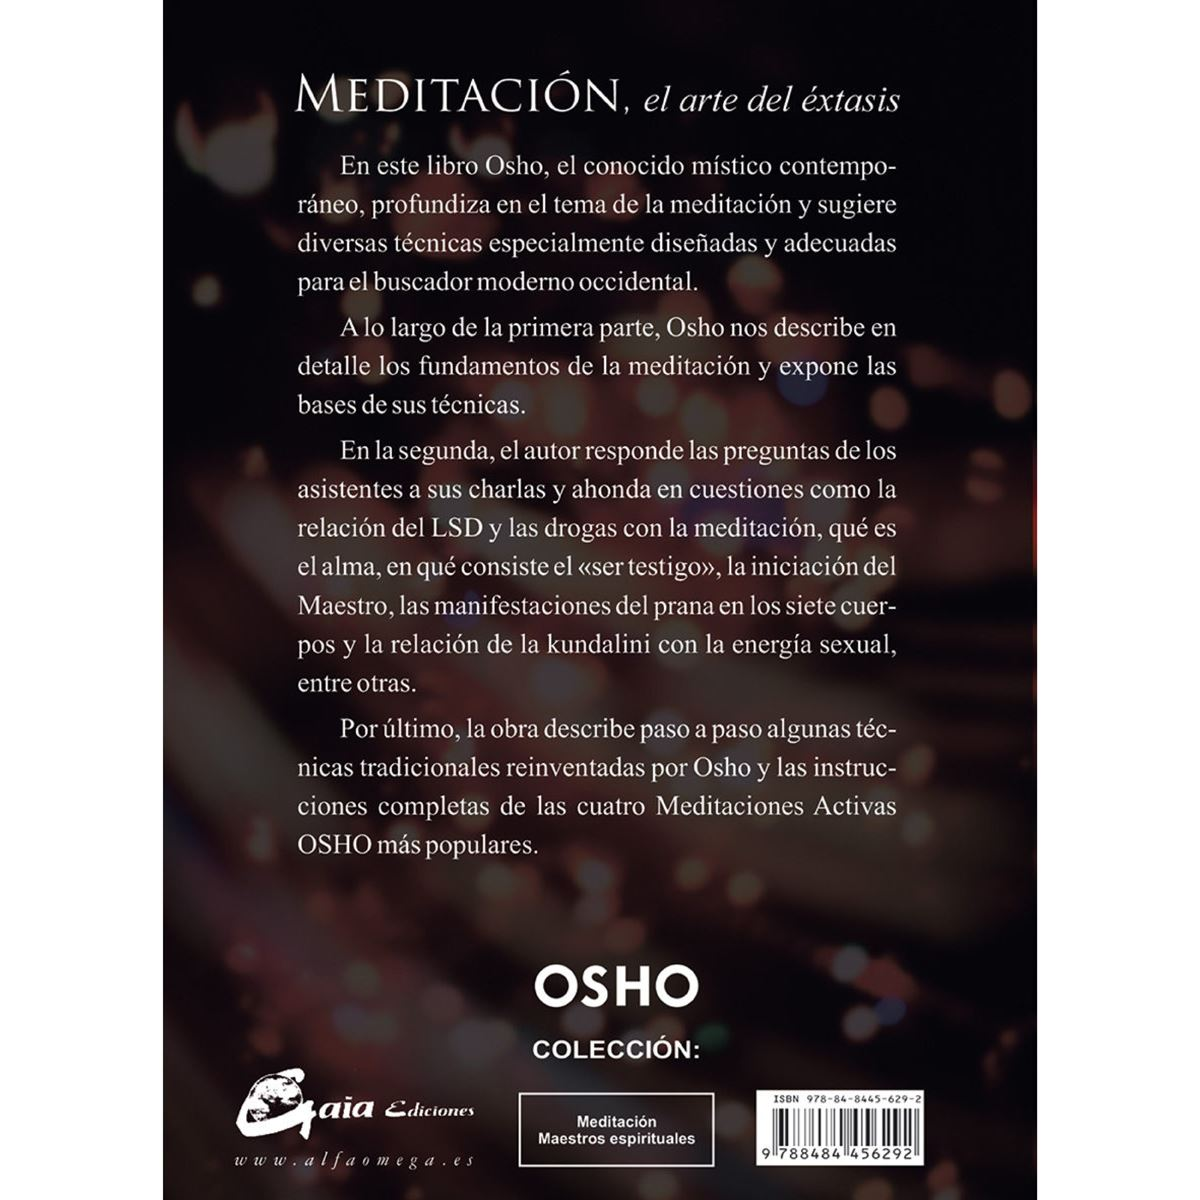 Meditación: el arte del éxtasis